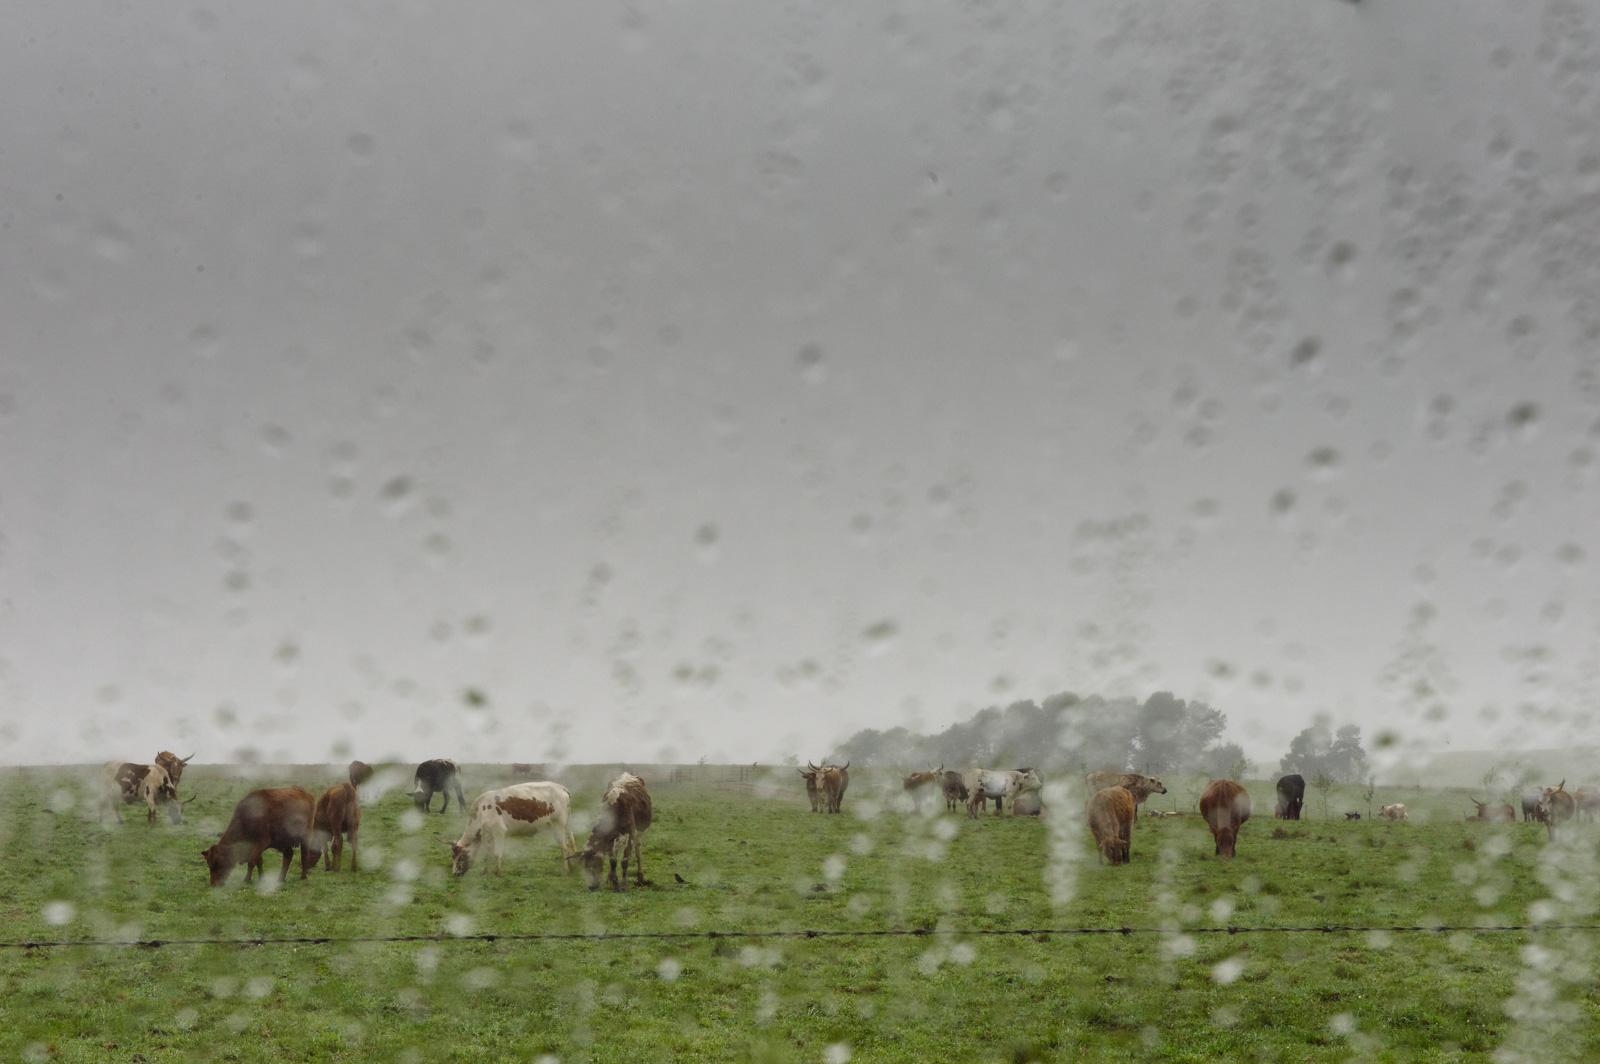 Cows in rain